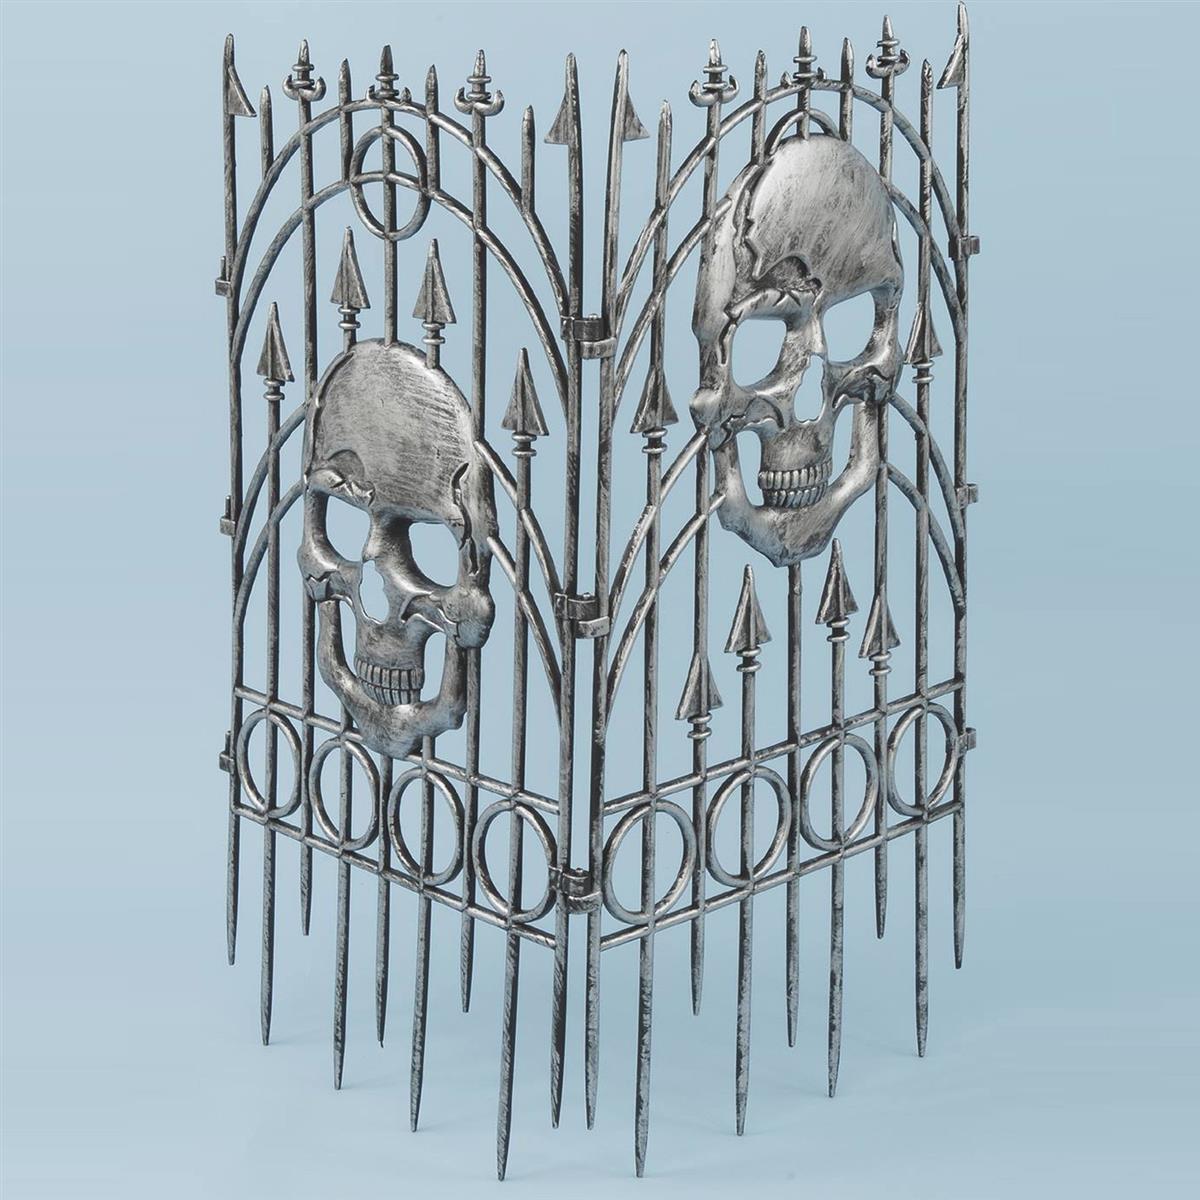 装飾 飾り デコレーション ホラー・恐怖系 グッズ ガイコツのフェンス(シルバー)